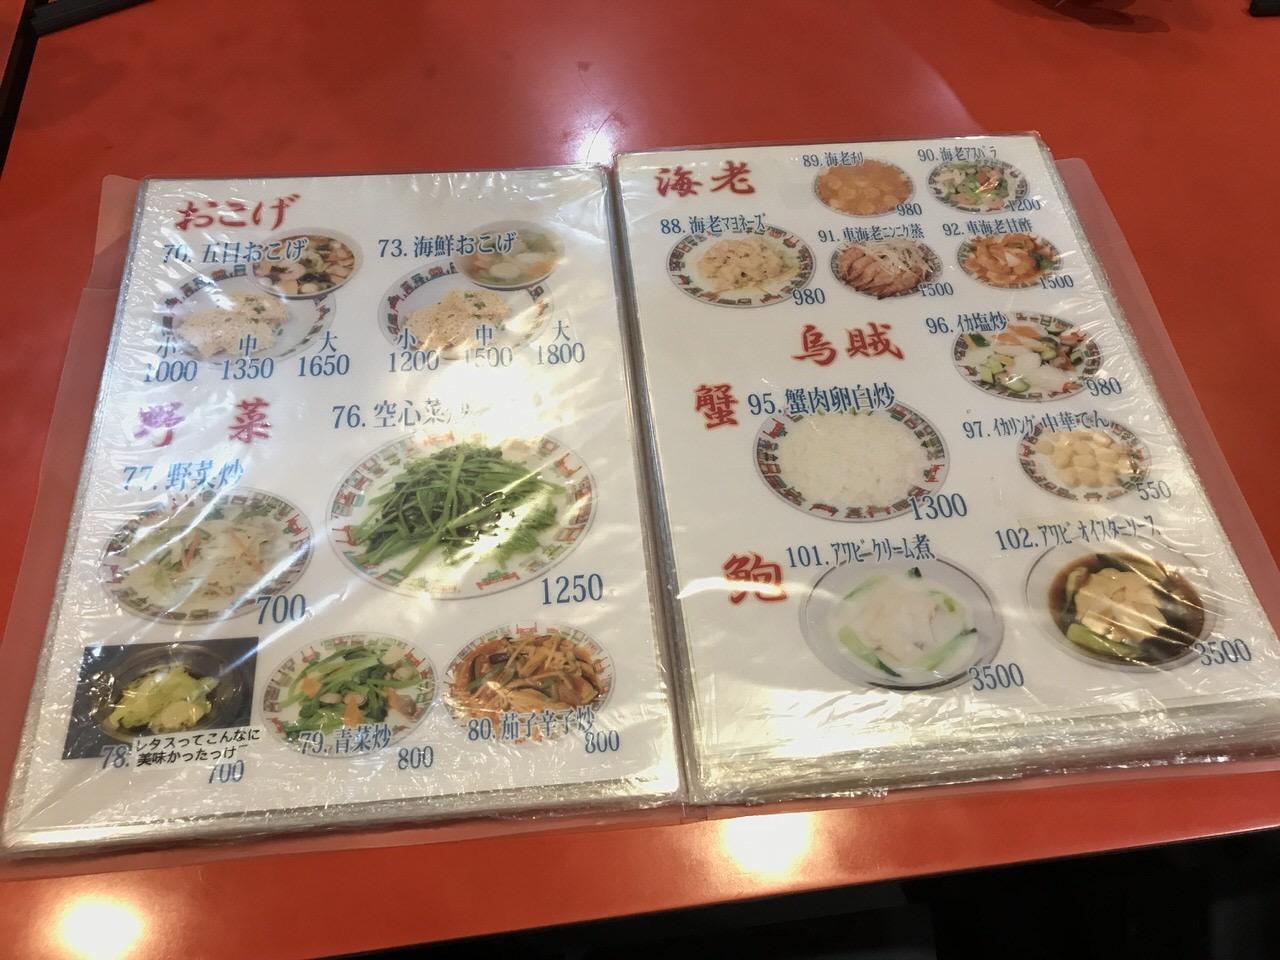 中華料理「中華街」吉祥寺 7